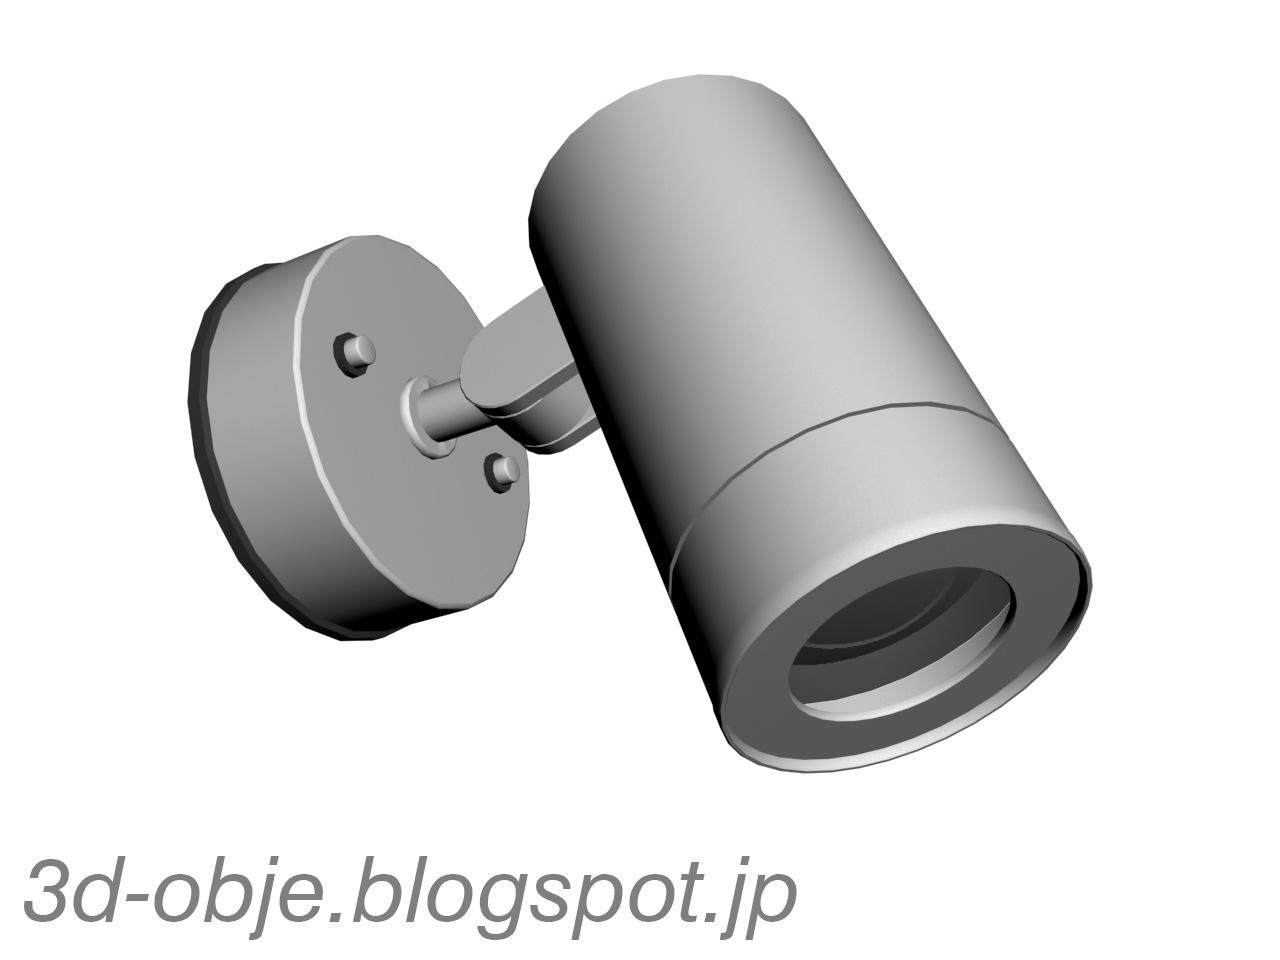 屋外用 スポットライト [SPL_003] - LED Spot Light